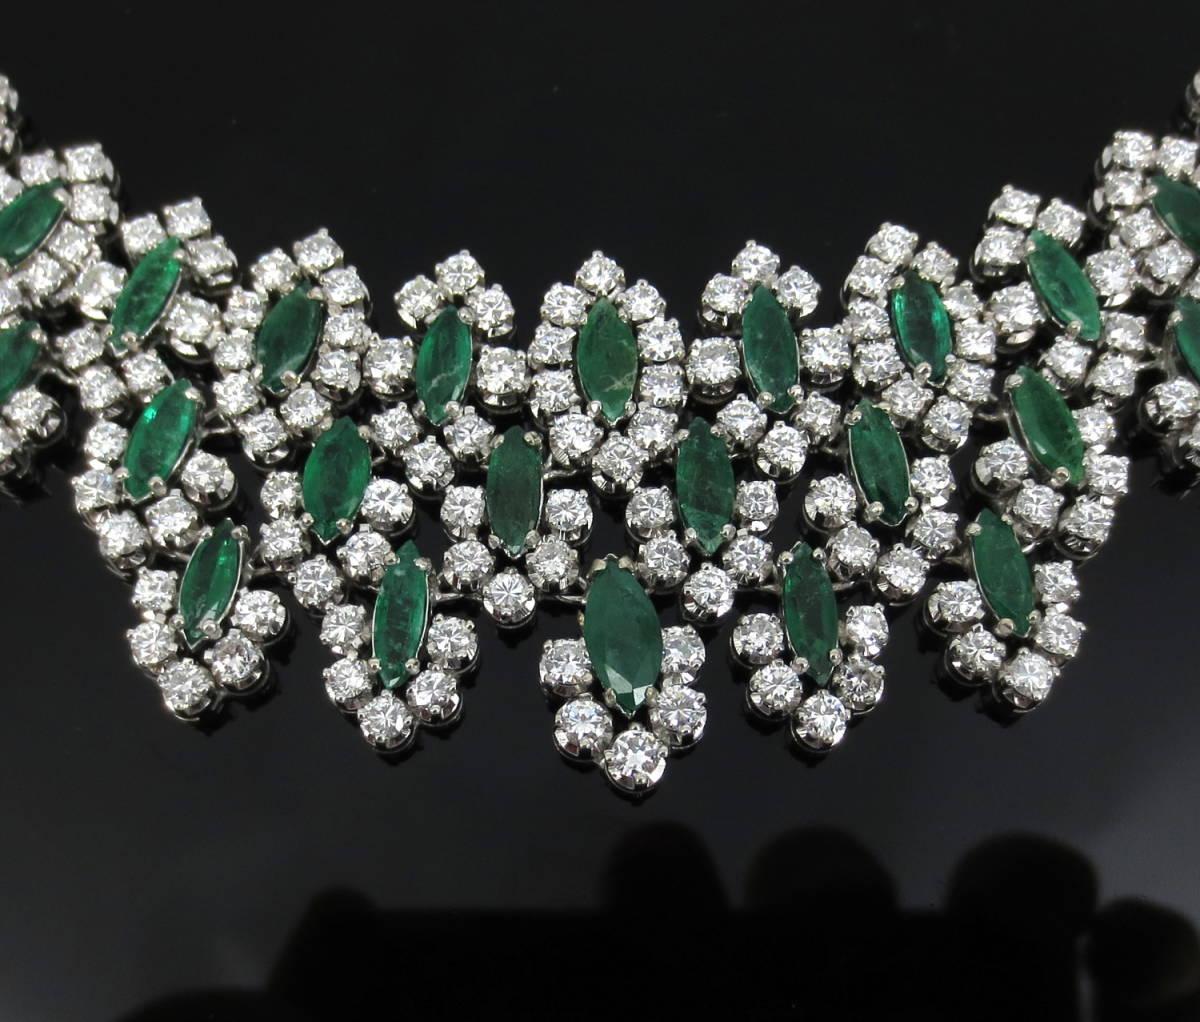 【ヴィンテージ】29.0ct ダイヤモンド 24.0ct コロンビア産 エメラルド 18金ホワイトゴールド ネックレス_画像7